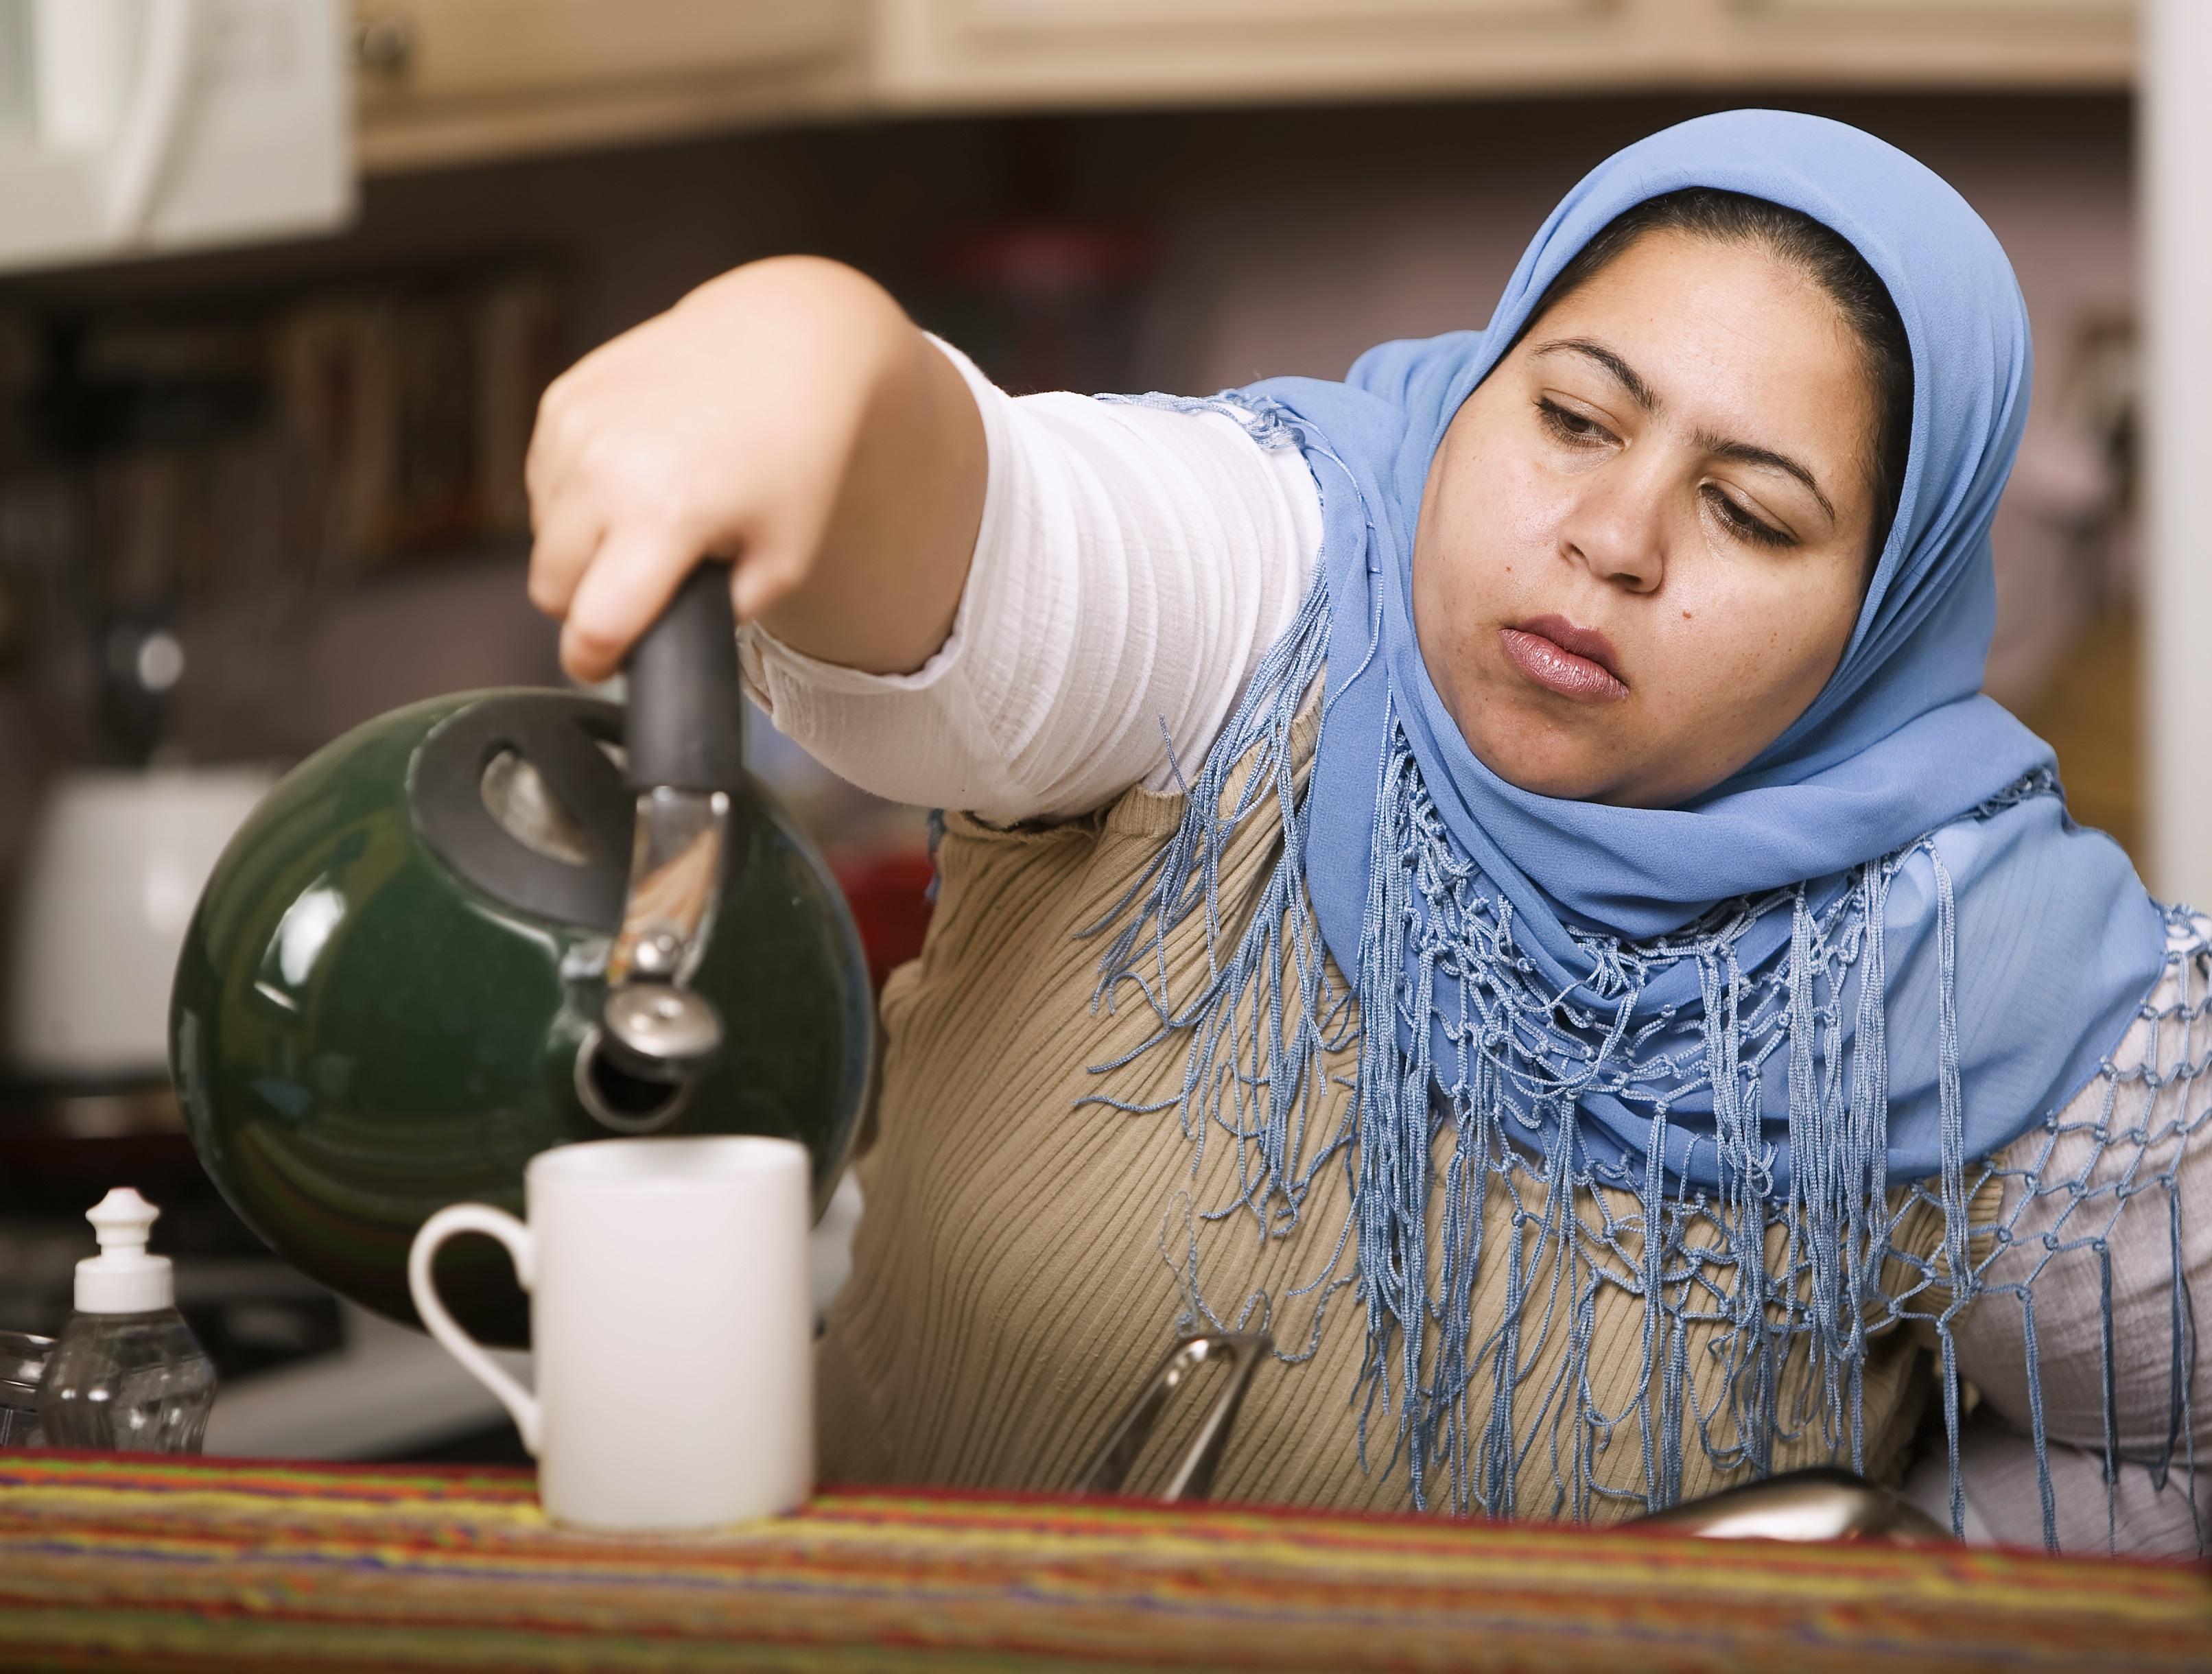 Muslimsk kvinna med duk på huvudet häller te ur tekanna